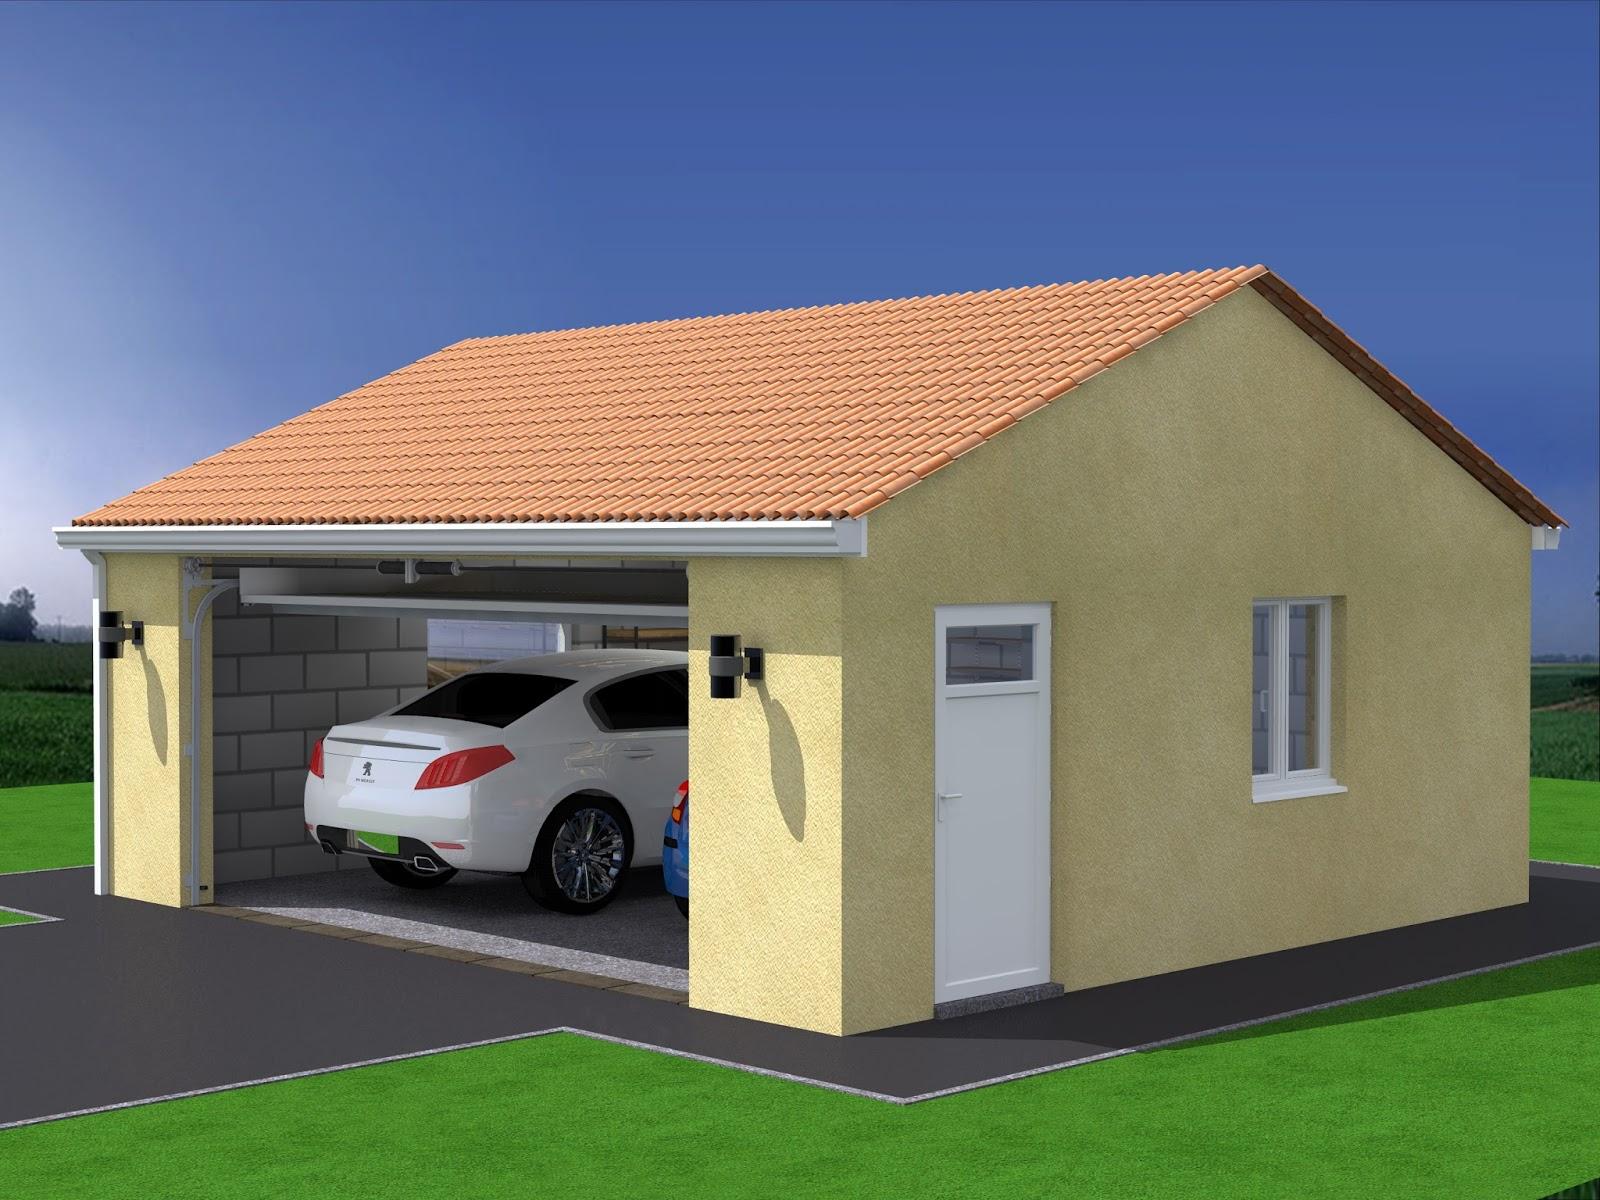 Projet garage maison fran ois fabie for Combien coute la construction d un garage de 20m2